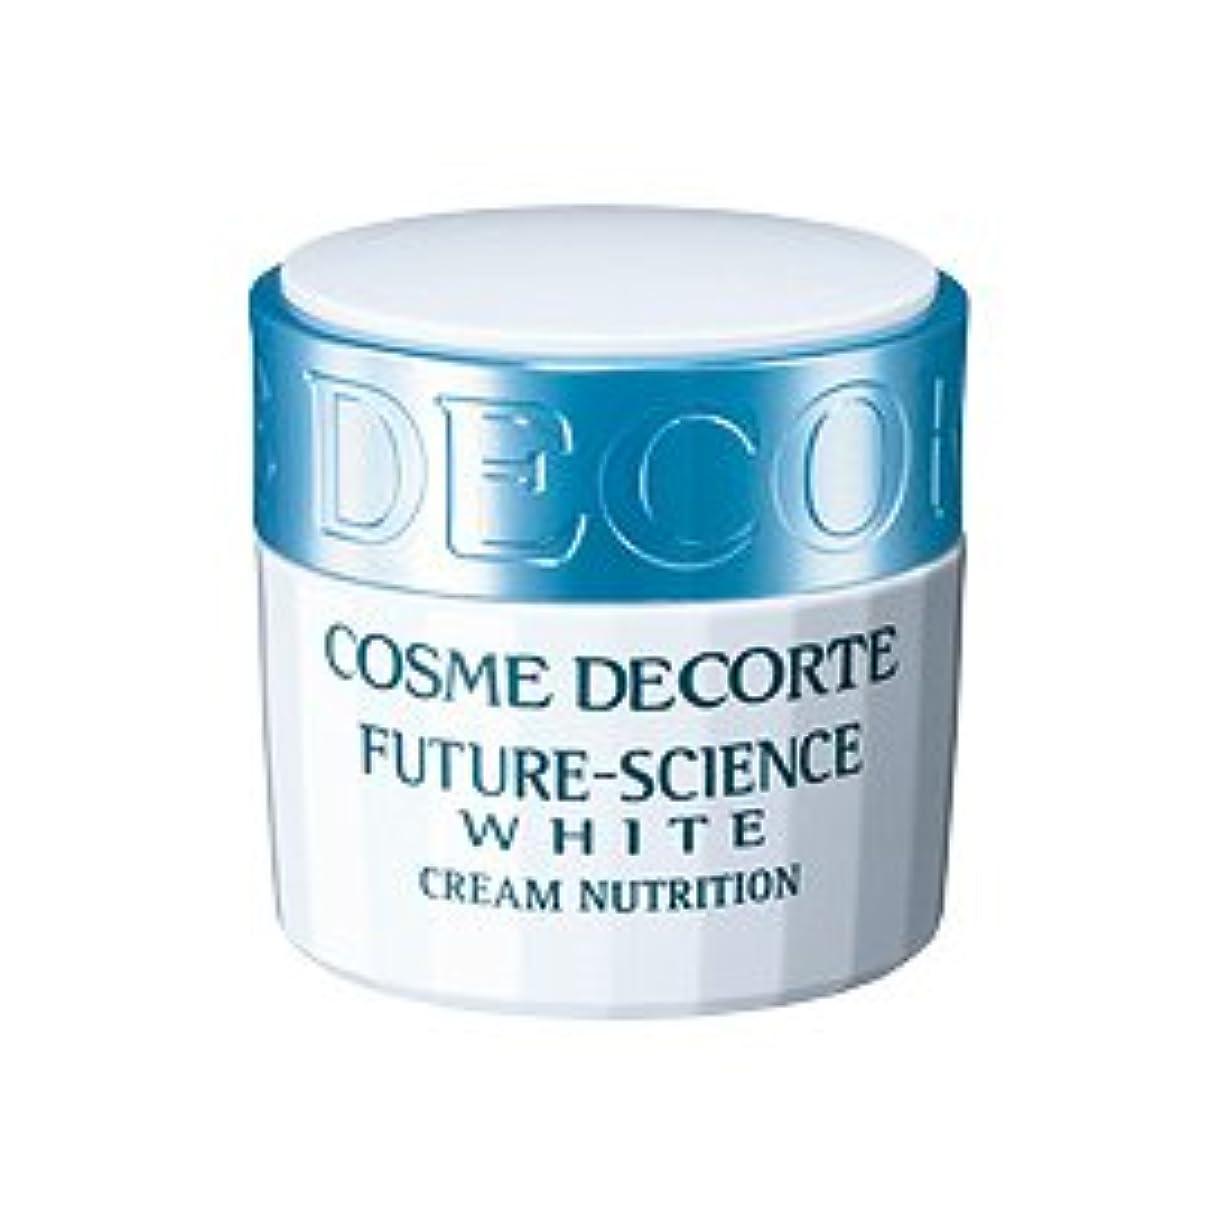 信頼性のある従順な近代化するCOSME DECORTE コスメ デコルテ フューチャー サイエンス ホワイト クリーム ニュートリション 40g [並行輸入品]